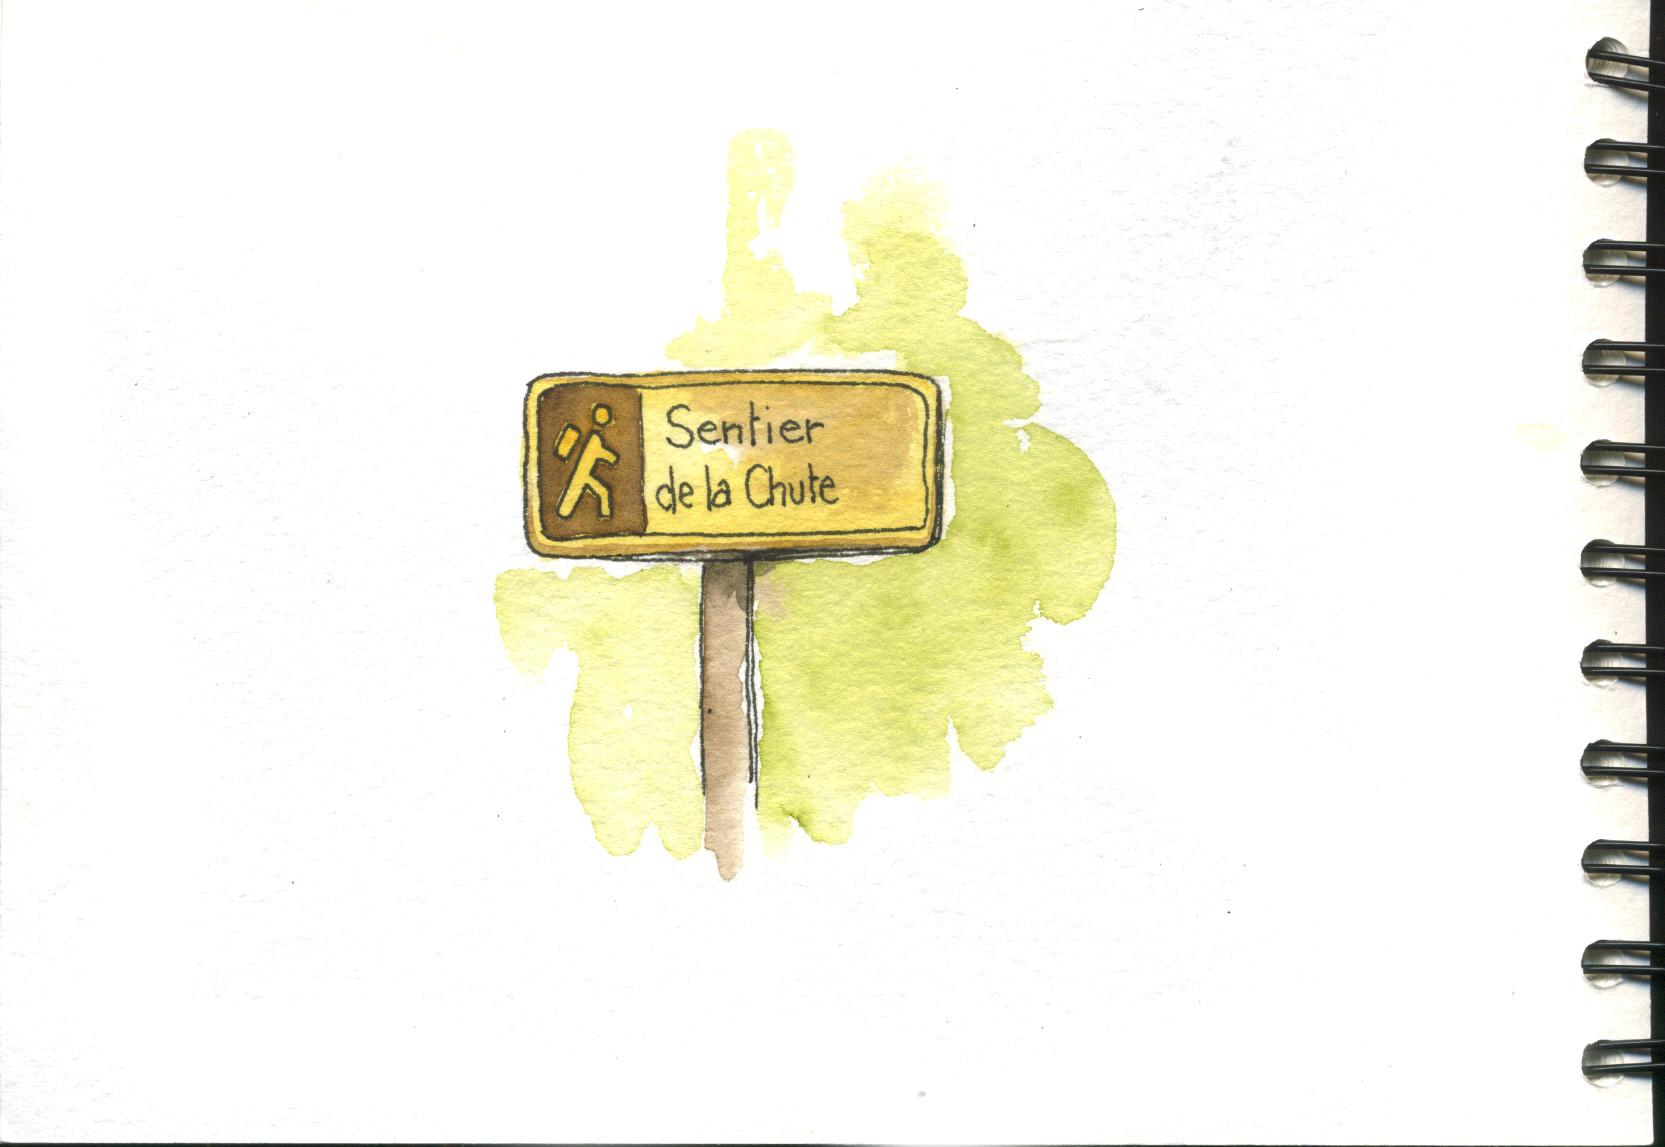 panneau indicateur dans le parc